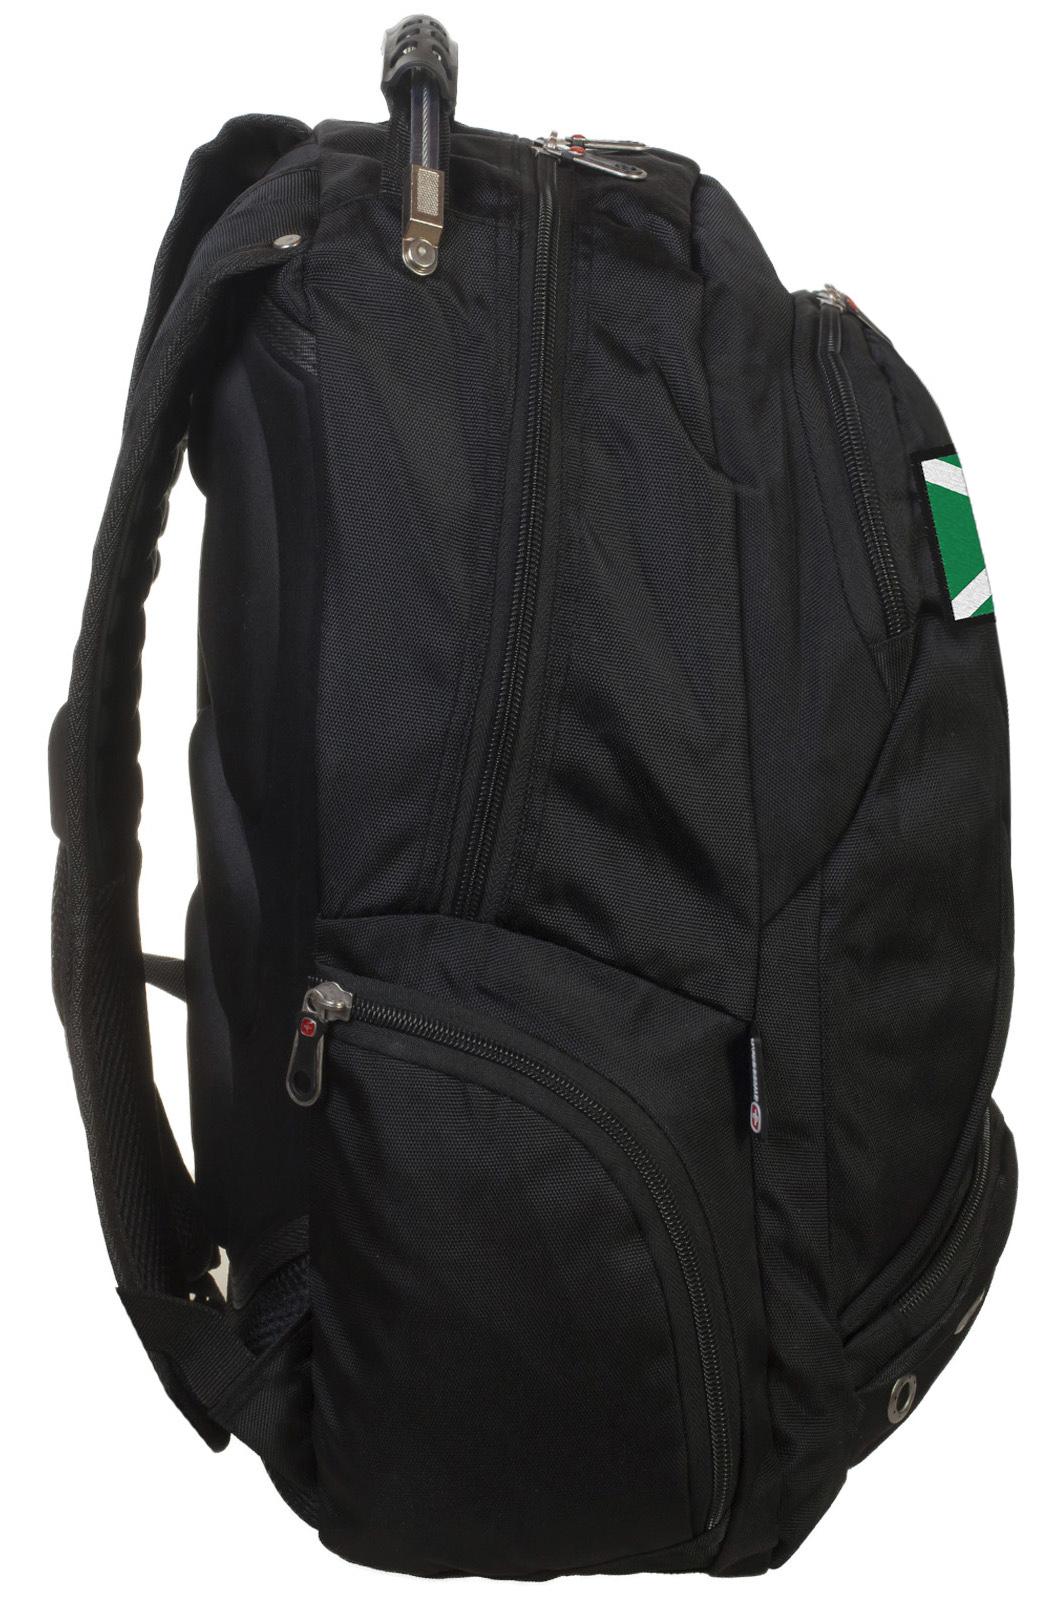 Классный городской рюкзак с флагом Таможенной службы купить в подарок